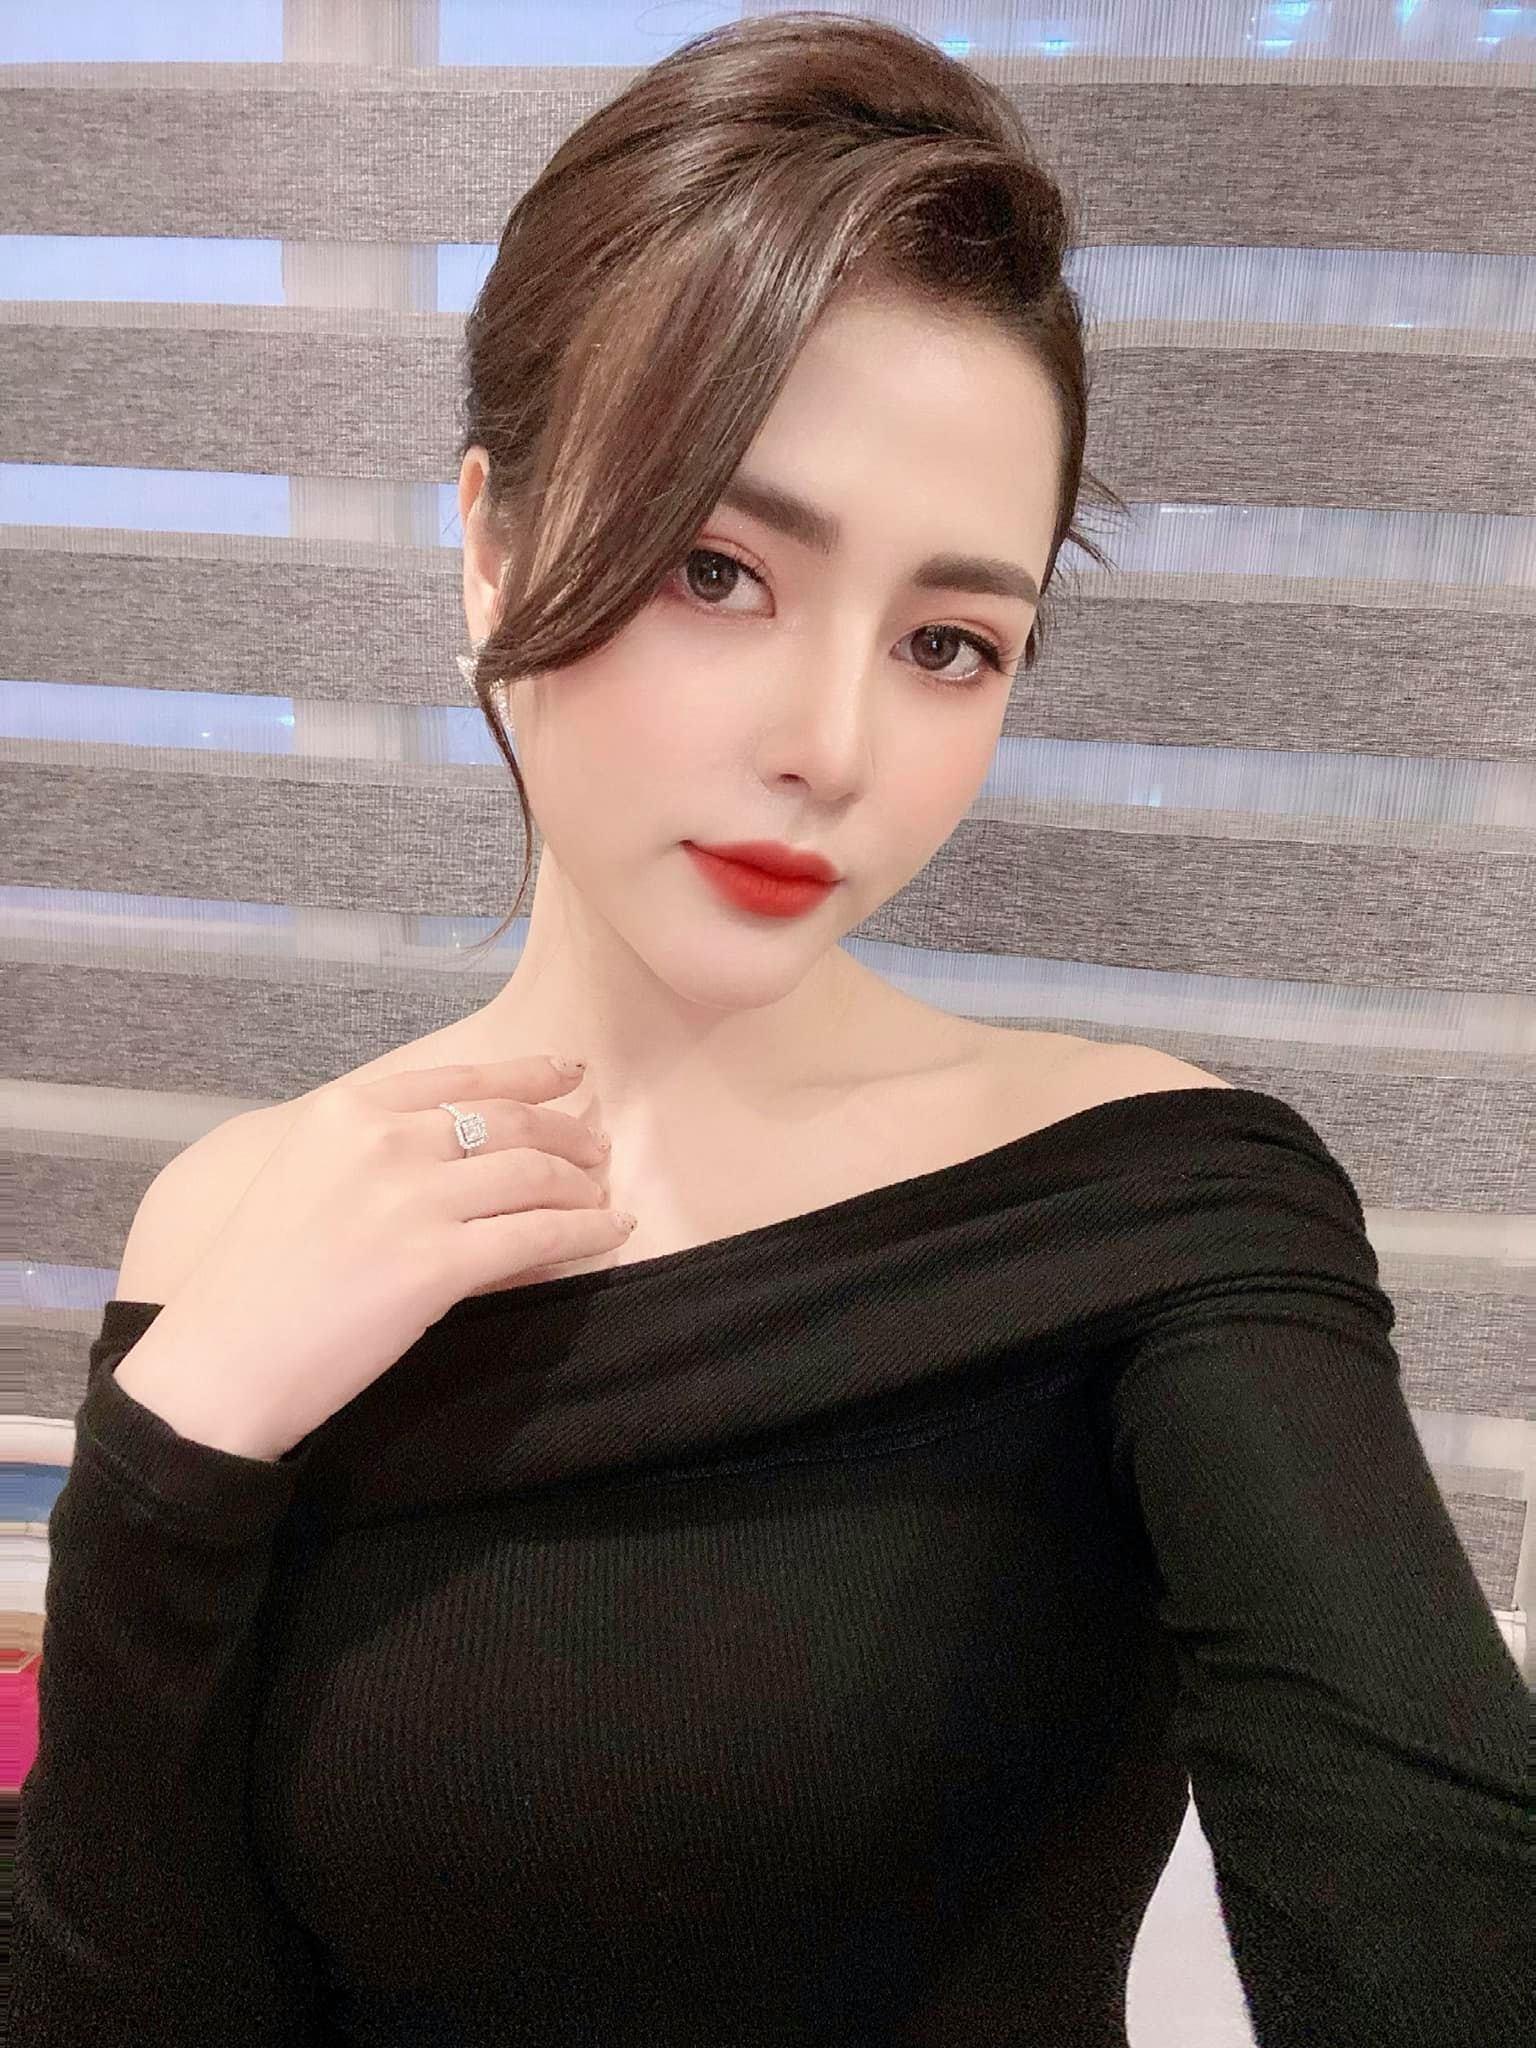 Điều ít biết về vợ xinh đẹp sắp cưới của Long trong phim hot Hương vị tình thân - Ảnh 5.